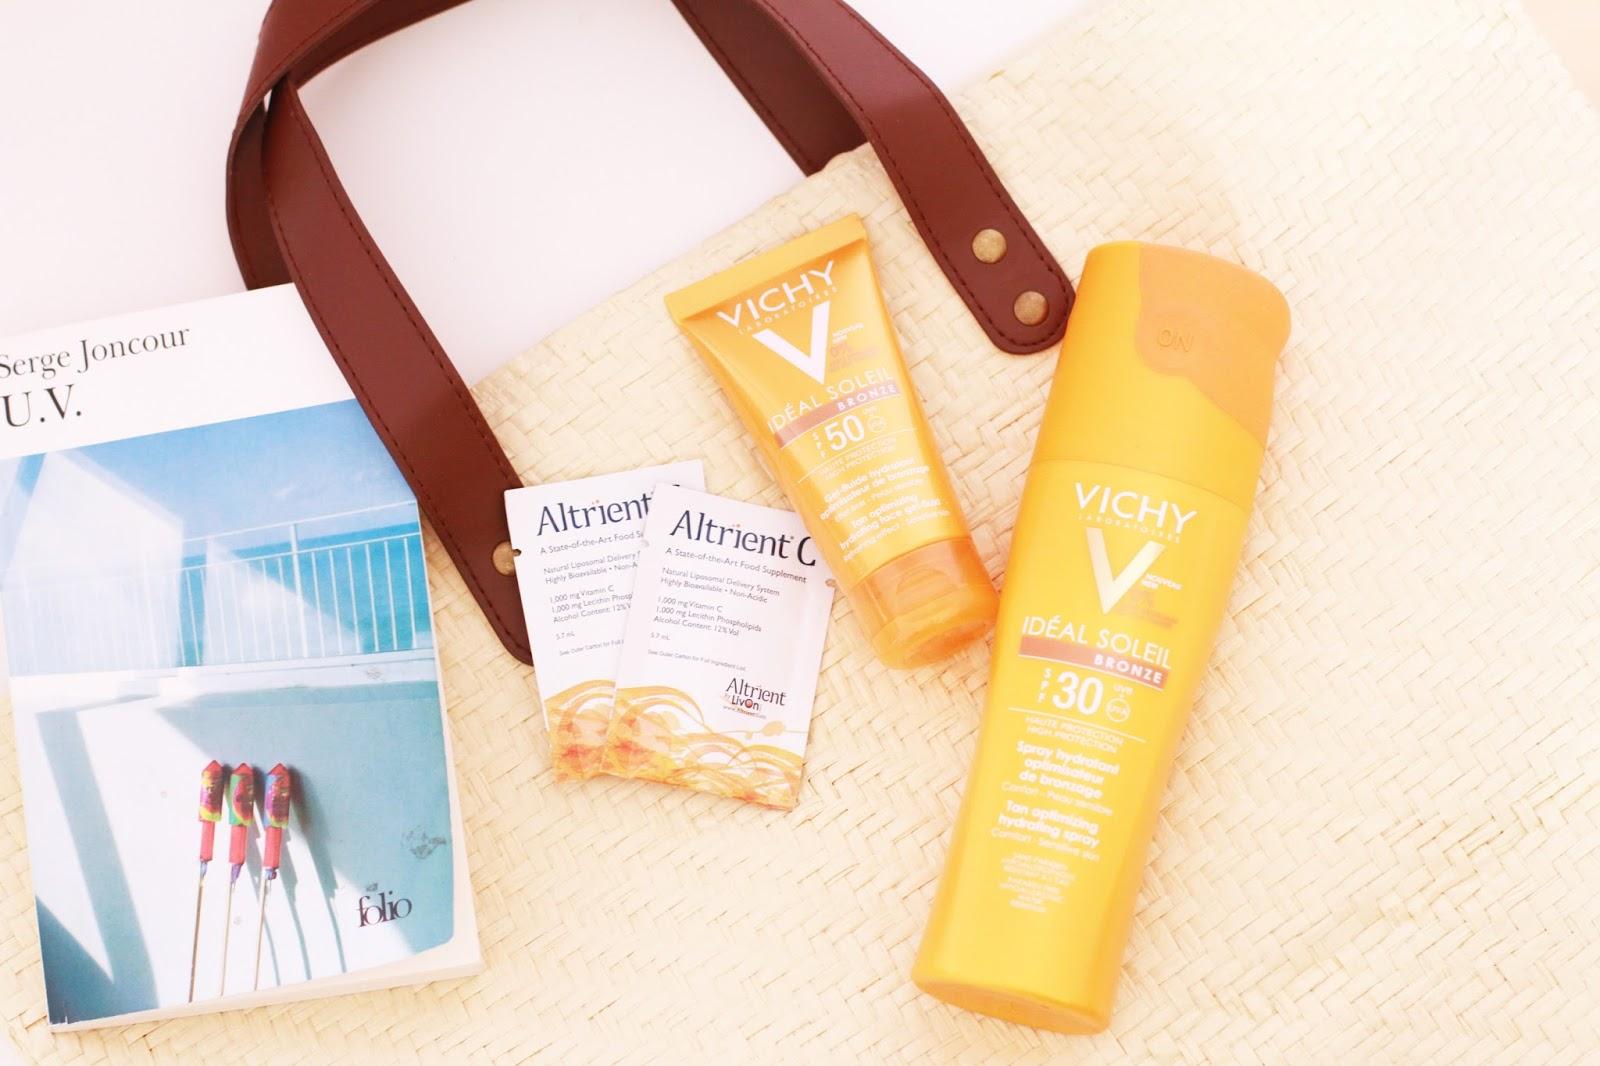 Conseils bronzage : astuces pour préparer sa peau au soleil Tout Est Moins